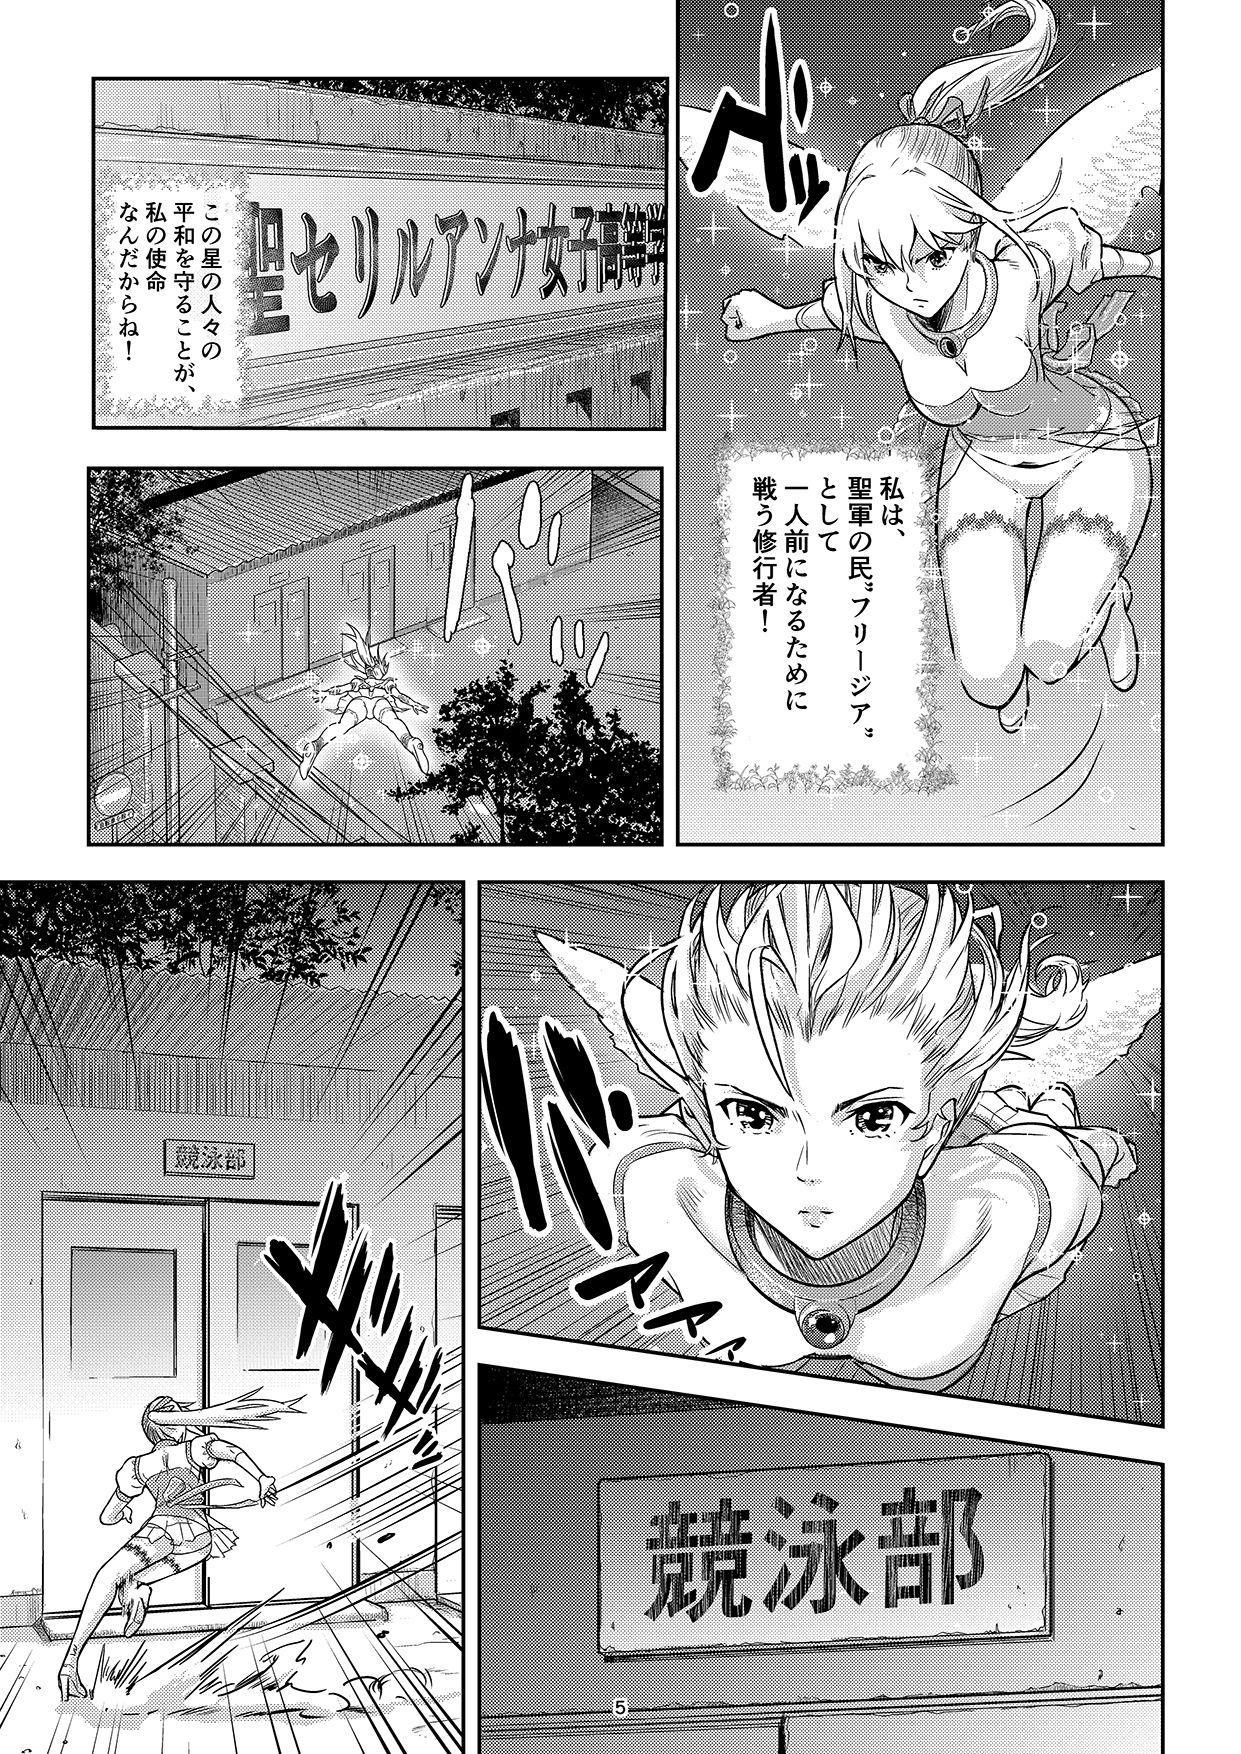 Shogun no Min Freejia 3